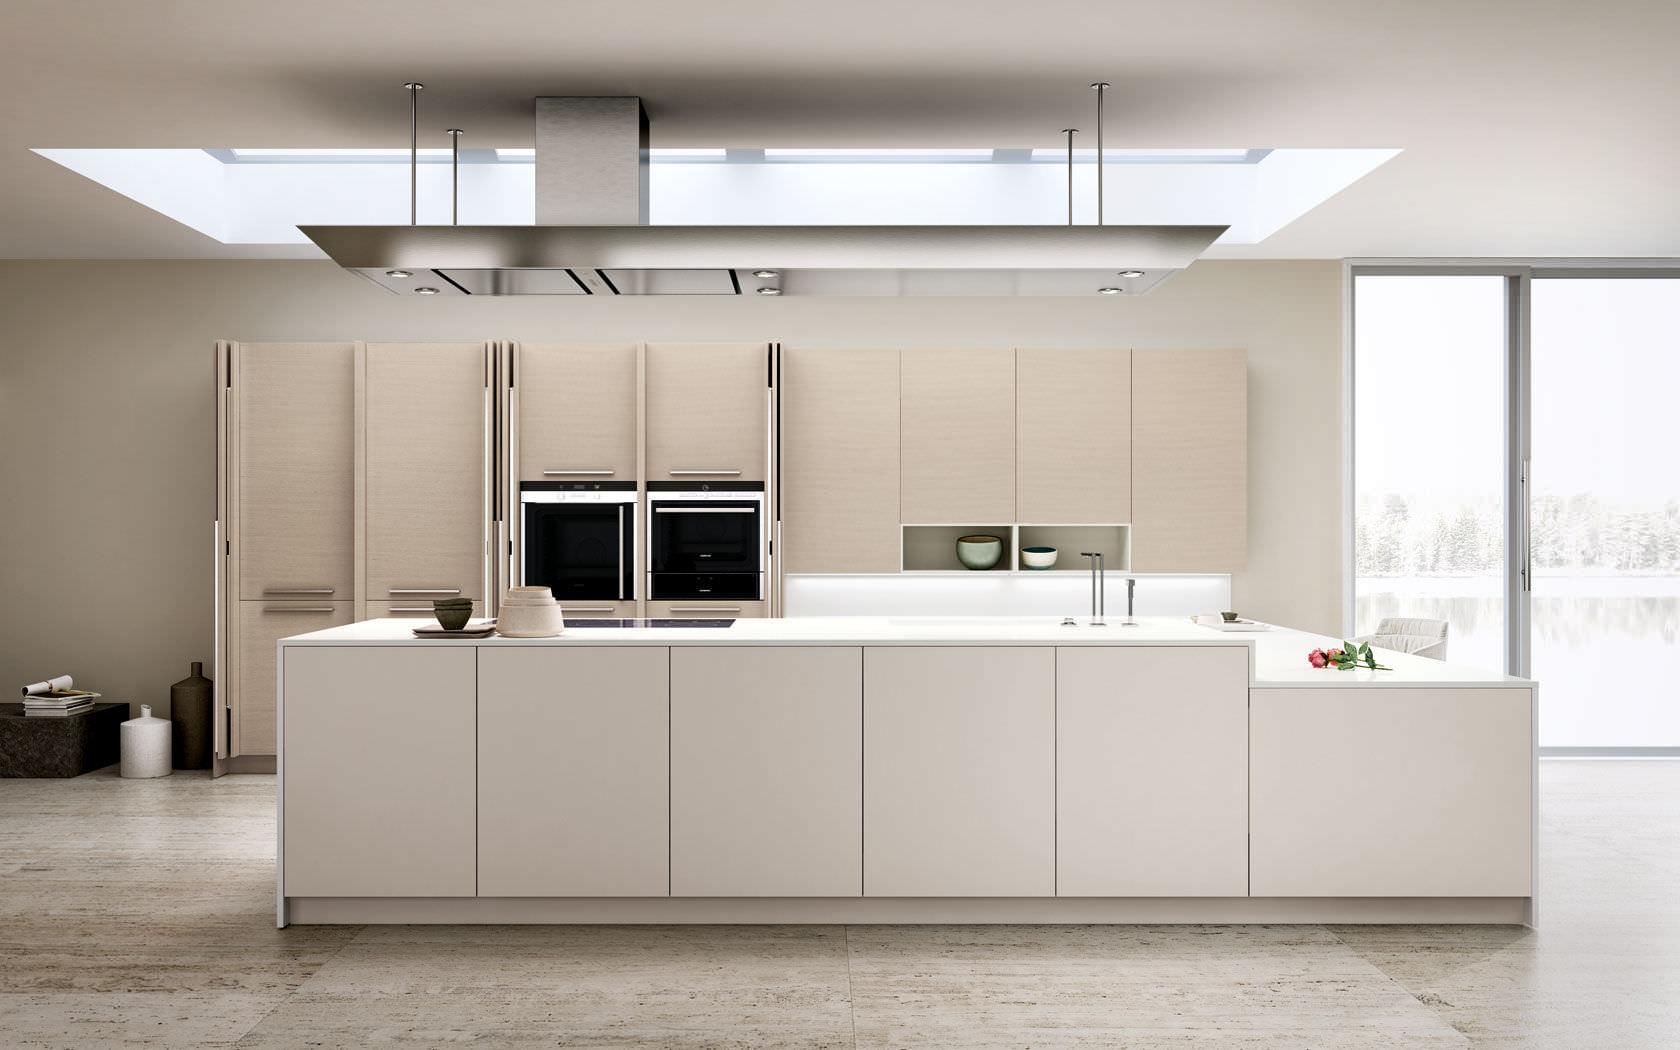 Cucina moderna / in legno / laccata - OPAL REGULA - Lineaquattro